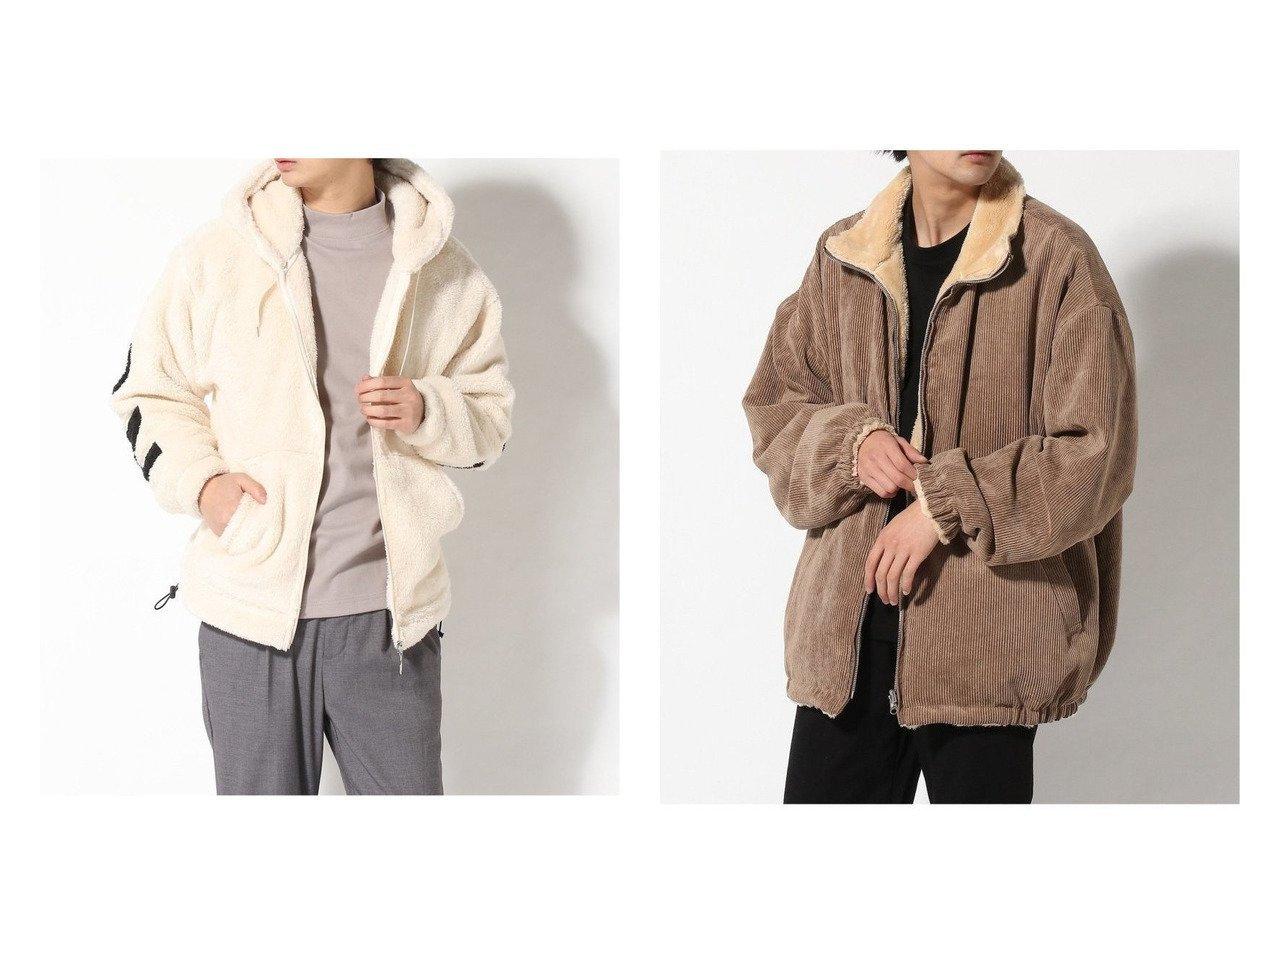 【WEGO / MEN/ウィゴー】のRVコーデュロイボアブルゾン&ストレートラインボアフーディー 【MEN】おすすめ!人気トレンド・男性、メンズファッションの通販 おすすめで人気の流行・トレンド、ファッションの通販商品 メンズファッション・キッズファッション・インテリア・家具・レディースファッション・服の通販 founy(ファニー) https://founy.com/ ファッション Fashion メンズファッション MEN トップス Tops Tshirt Men パーカ Sweats NEW・新作・新着・新入荷 New Arrivals カットソー パーカー モコモコ コーデュロイ 今季 ショルダー シンプル ジャケット トレンド ドロップ 人気 ブルゾン リバーシブル A/W 秋冬 AW Autumn/Winter / FW Fall-Winter |ID:crp329100000018283